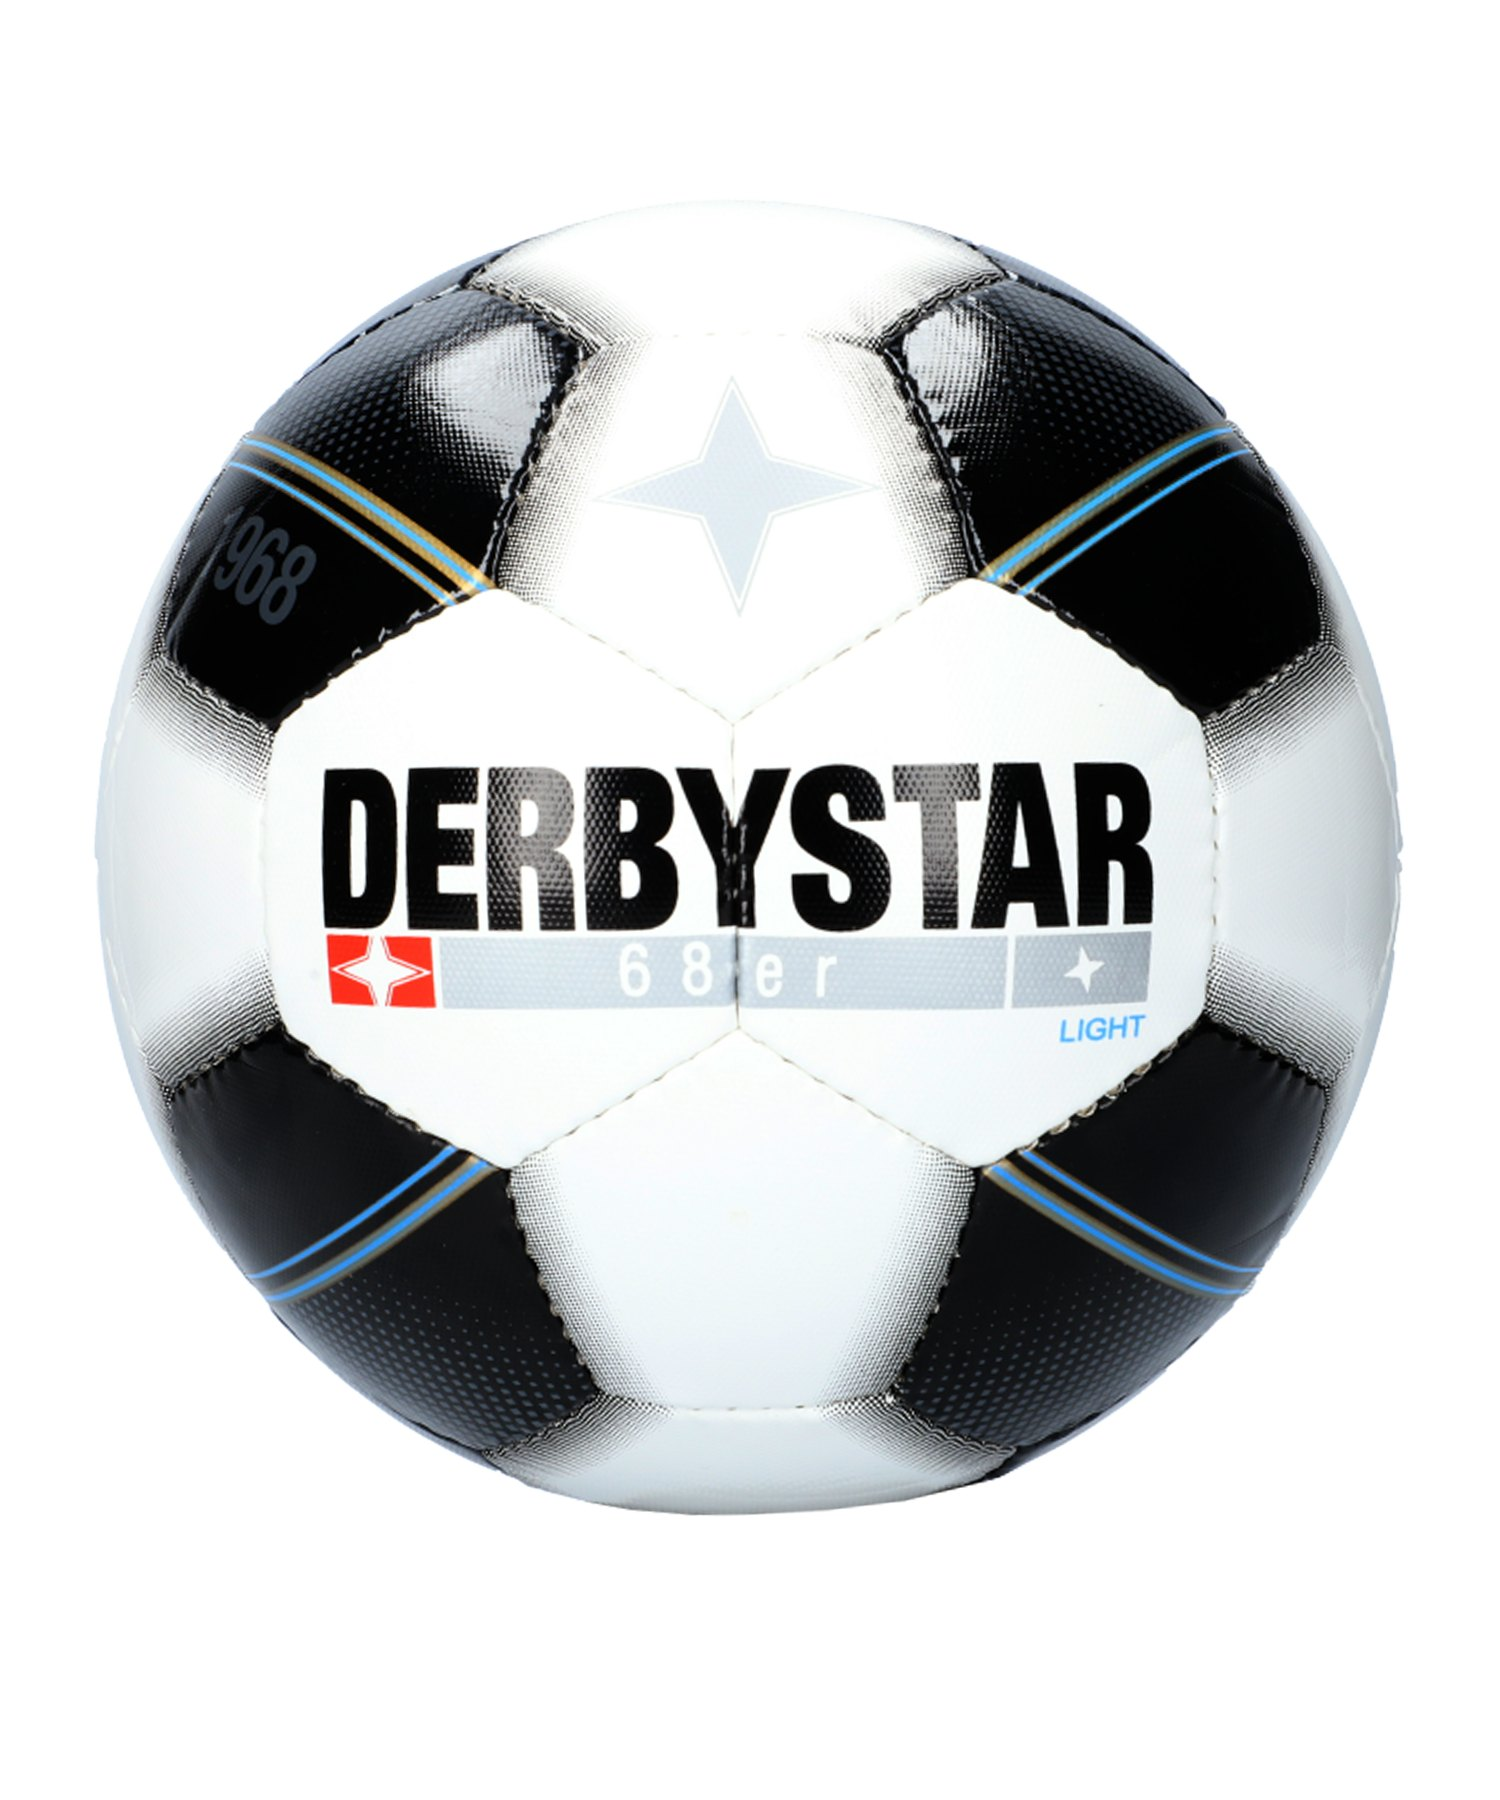 Derbystar 68er Light Fussball F126 - weiss